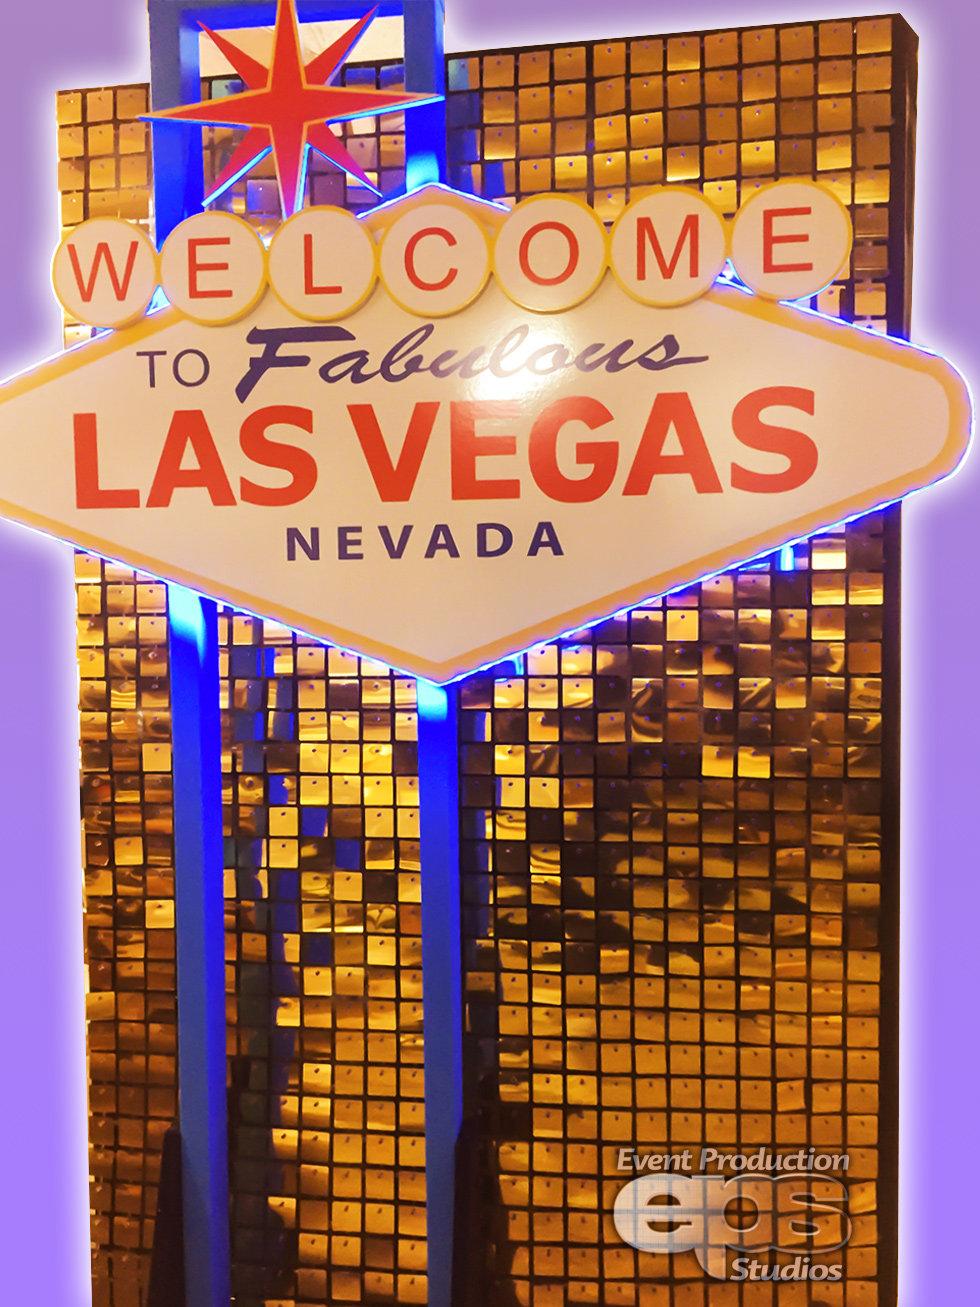 Vegas-Sign-1.jpg